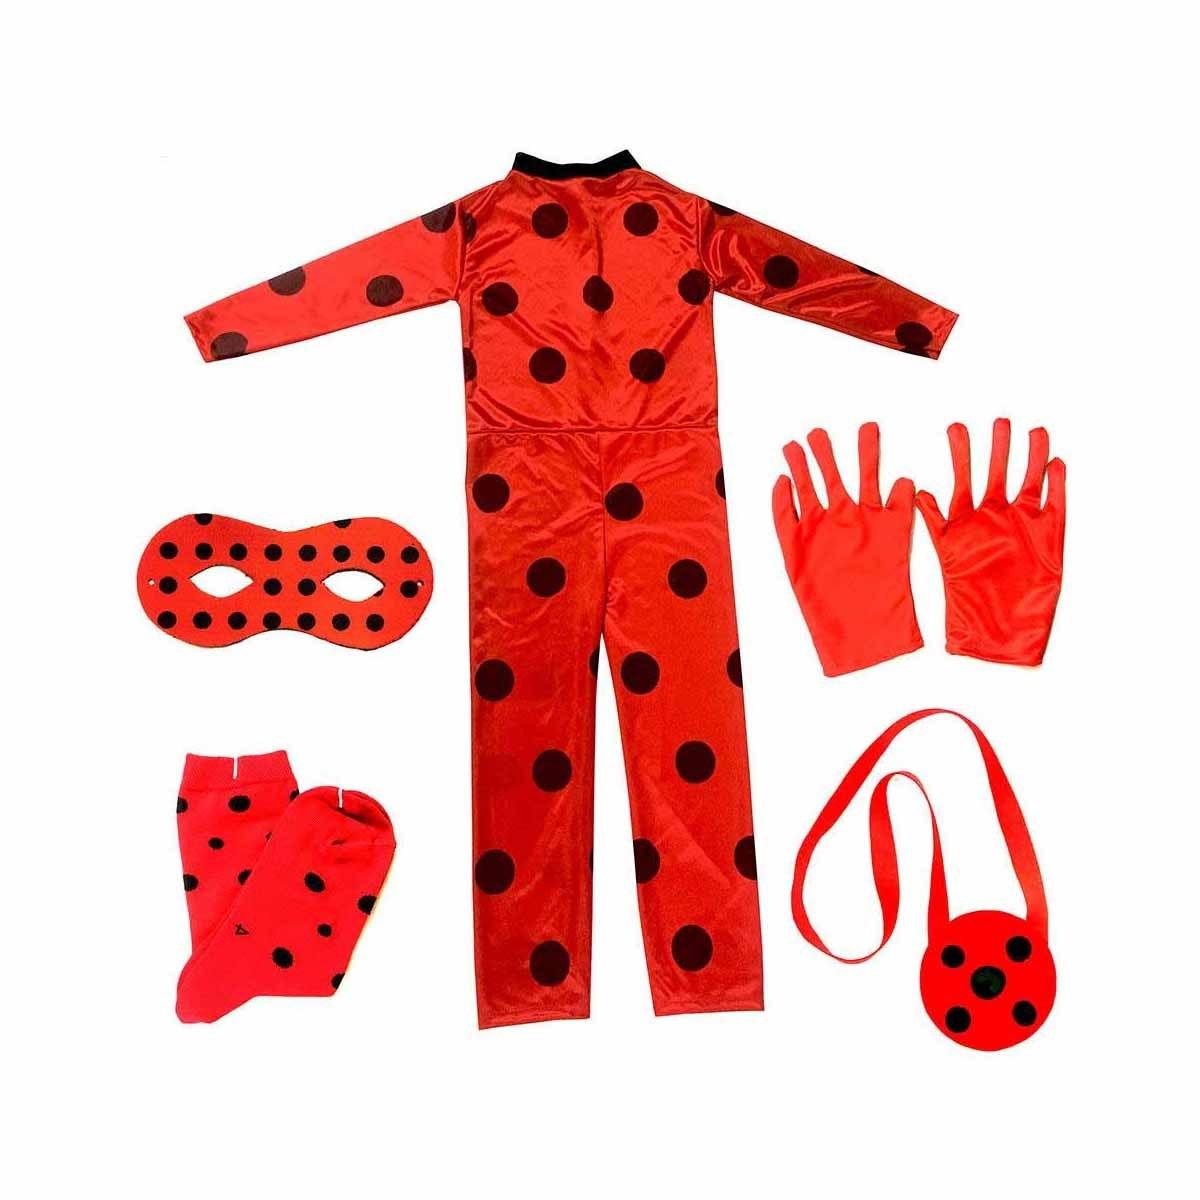 تصویر لباس ست ایفای نقش طرح دختر کفشدوزکی مجموعه پنج عددی کد 101